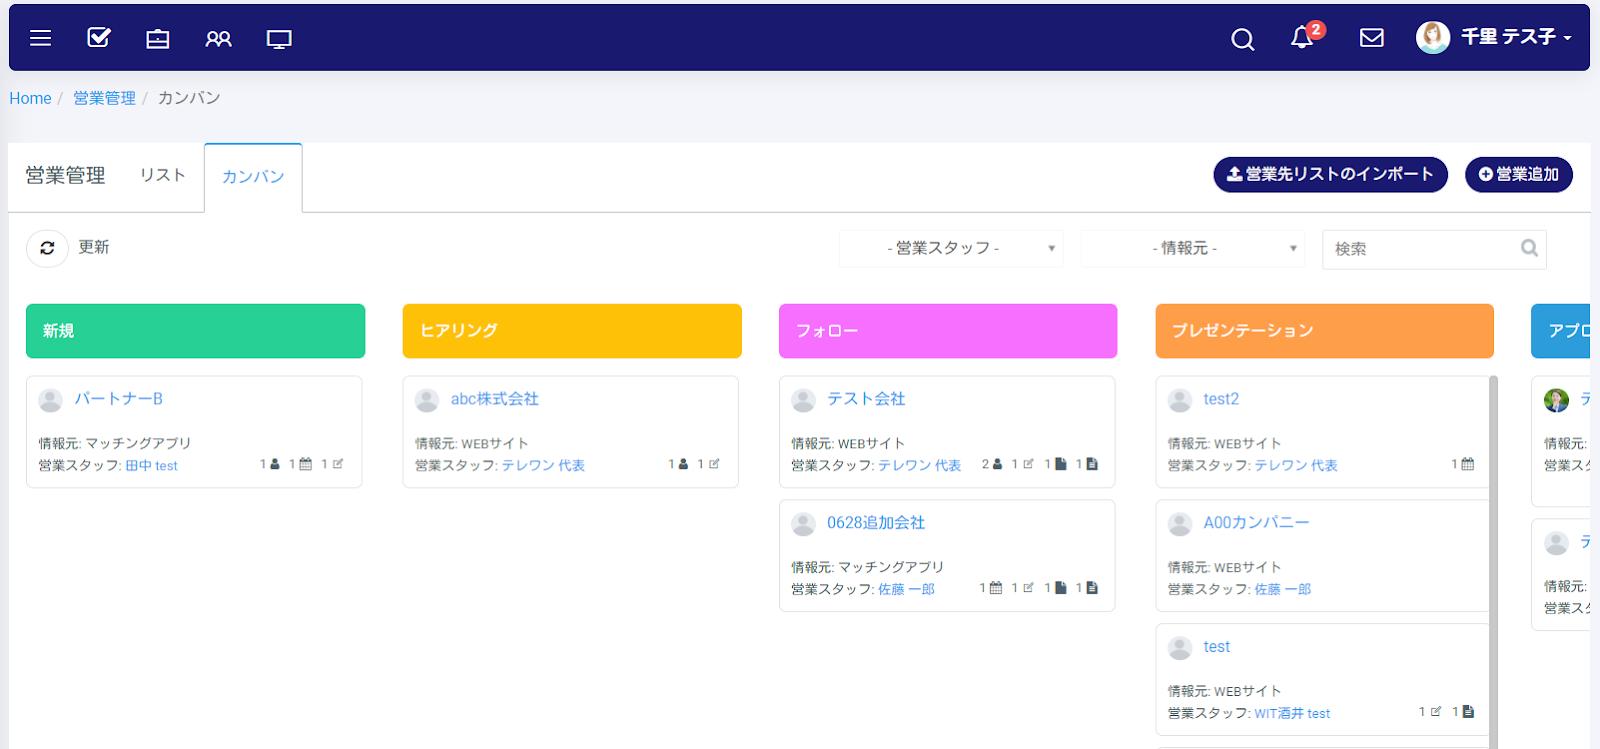 営業管理カンバン画像 テレワークツールのブログ